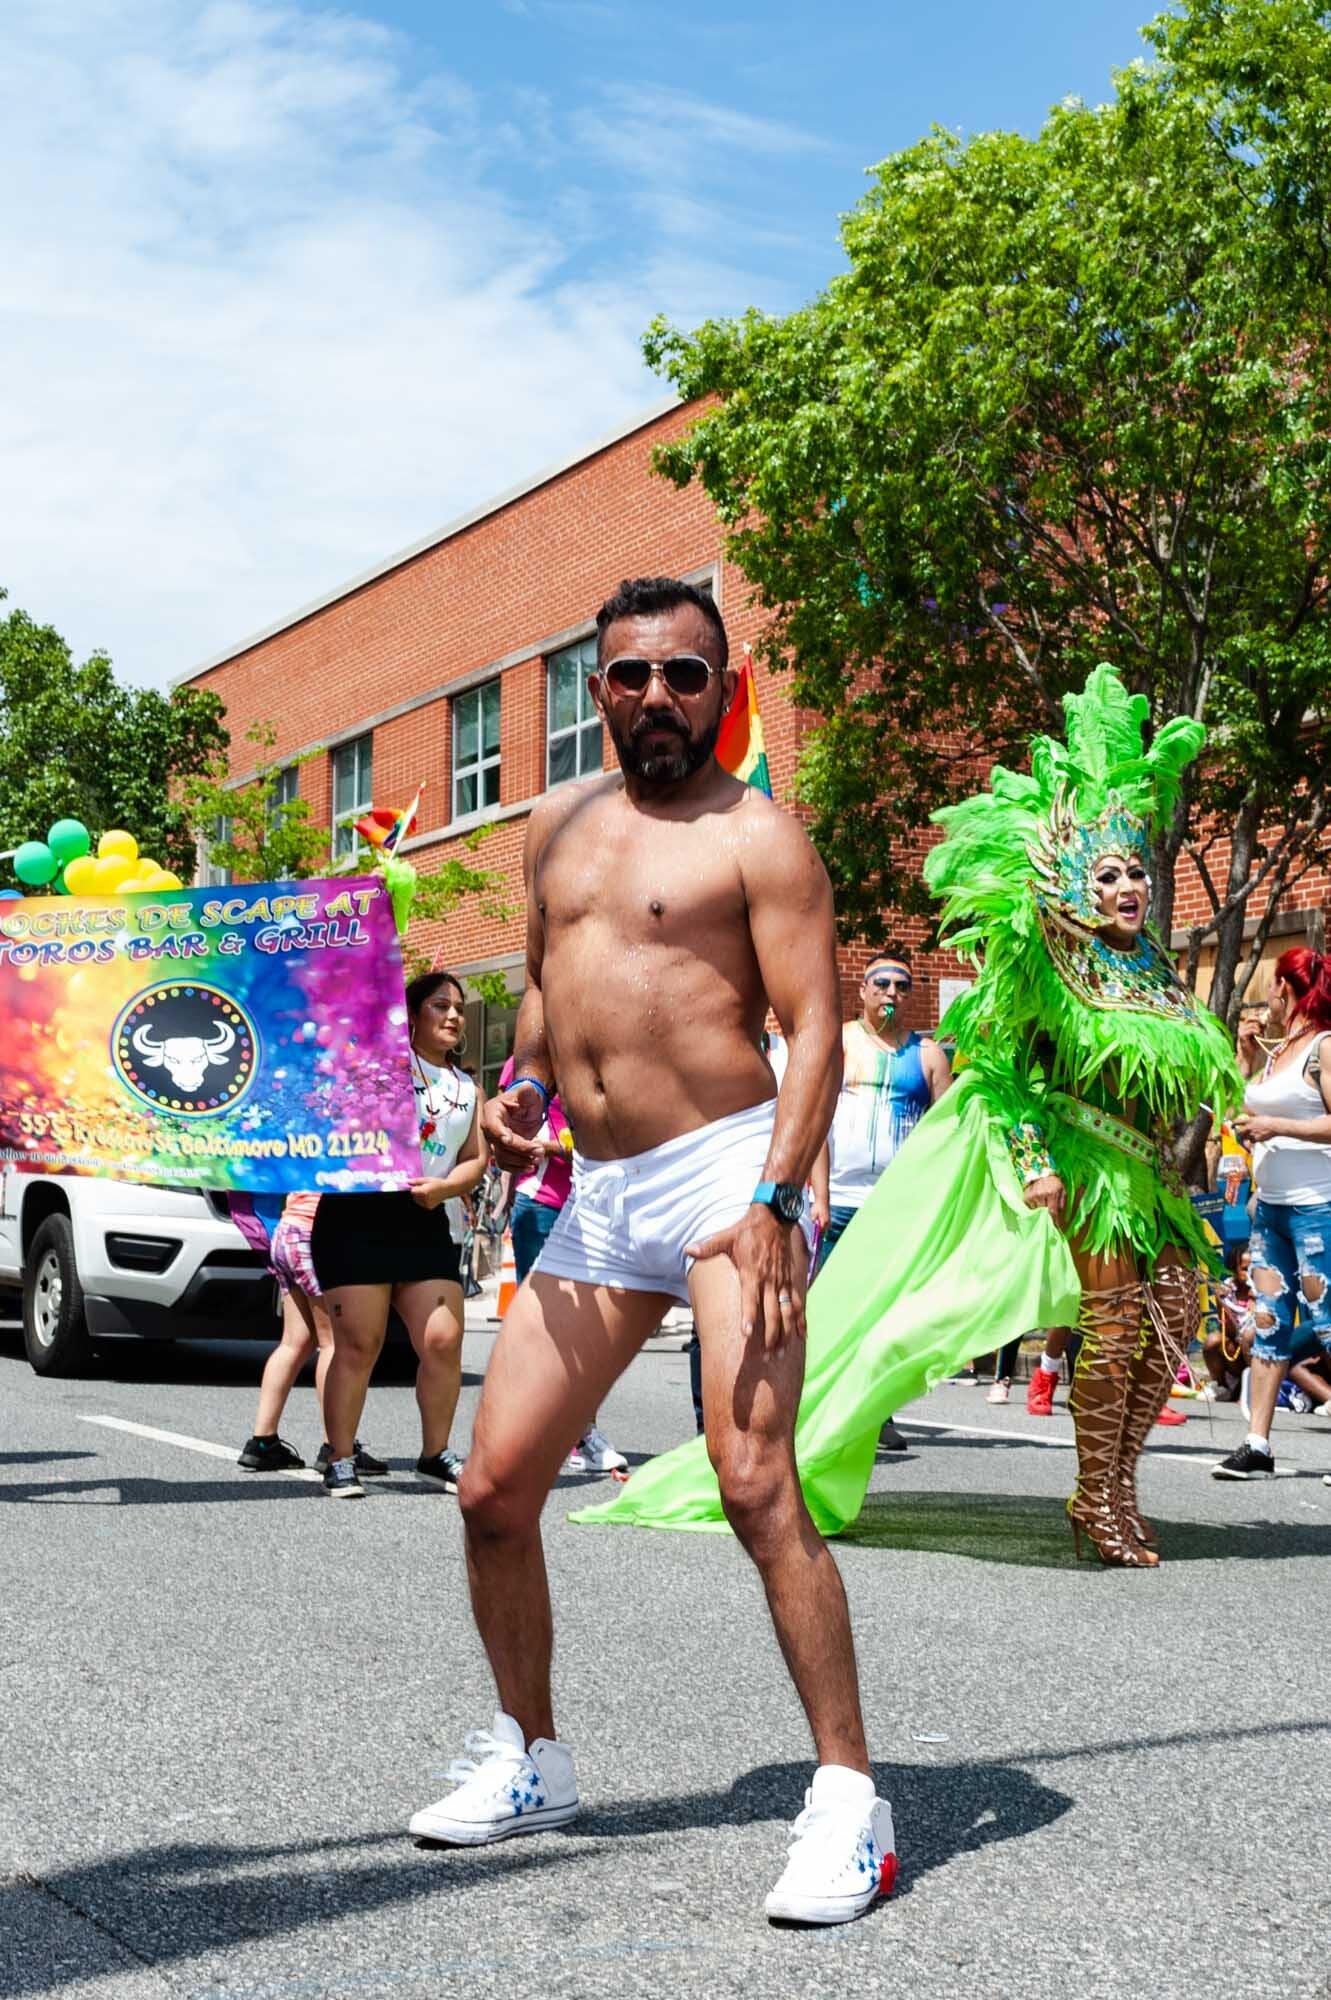 Emily Lewis Creative_Baltimore Pride Parade_2019-06-15-108.jpg